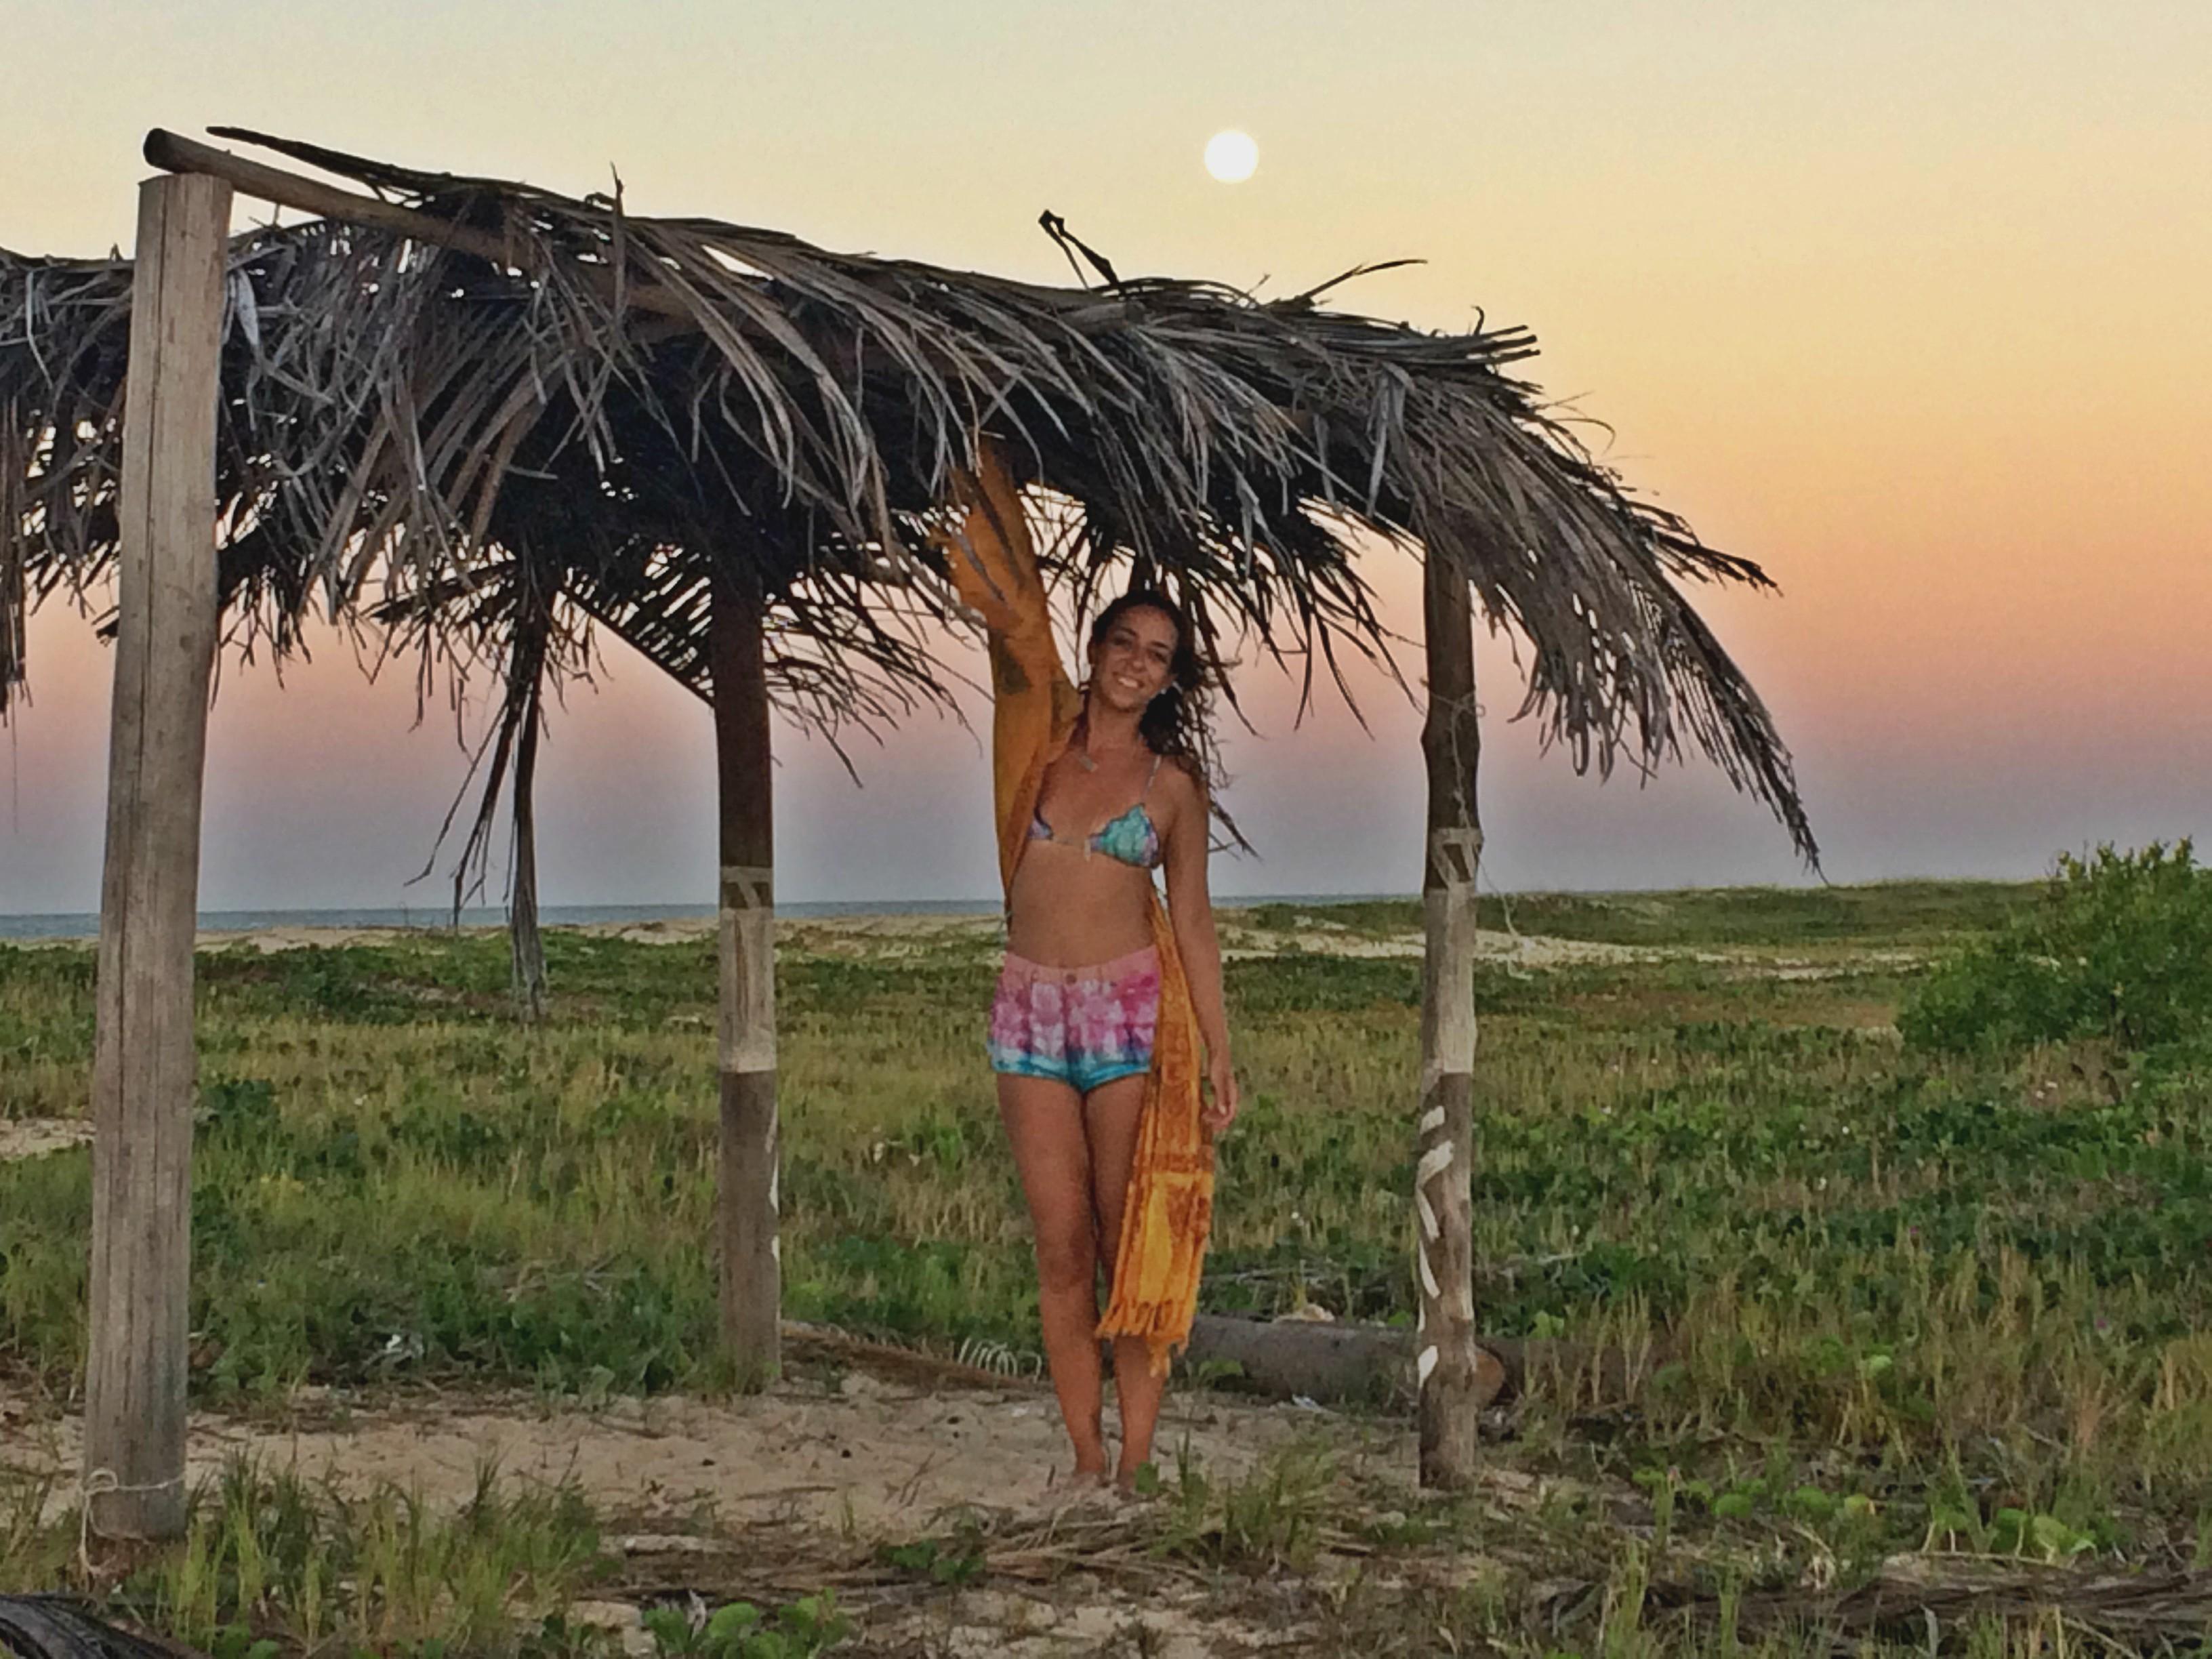 Vestindo a Alma, Blog de Lifestyle, Blog de Viagens, Dicas de viagens, praias do mundo, Bruna Villegas, melhores blogs de viagens, blog de viagens pelo mundo, blog estilo de vida, blogs de surf, blog surf trip, melhores blogs, caraiva, o que fazer em caraiva, onde se hospedar em caraiva, caraiva ba, corumbau